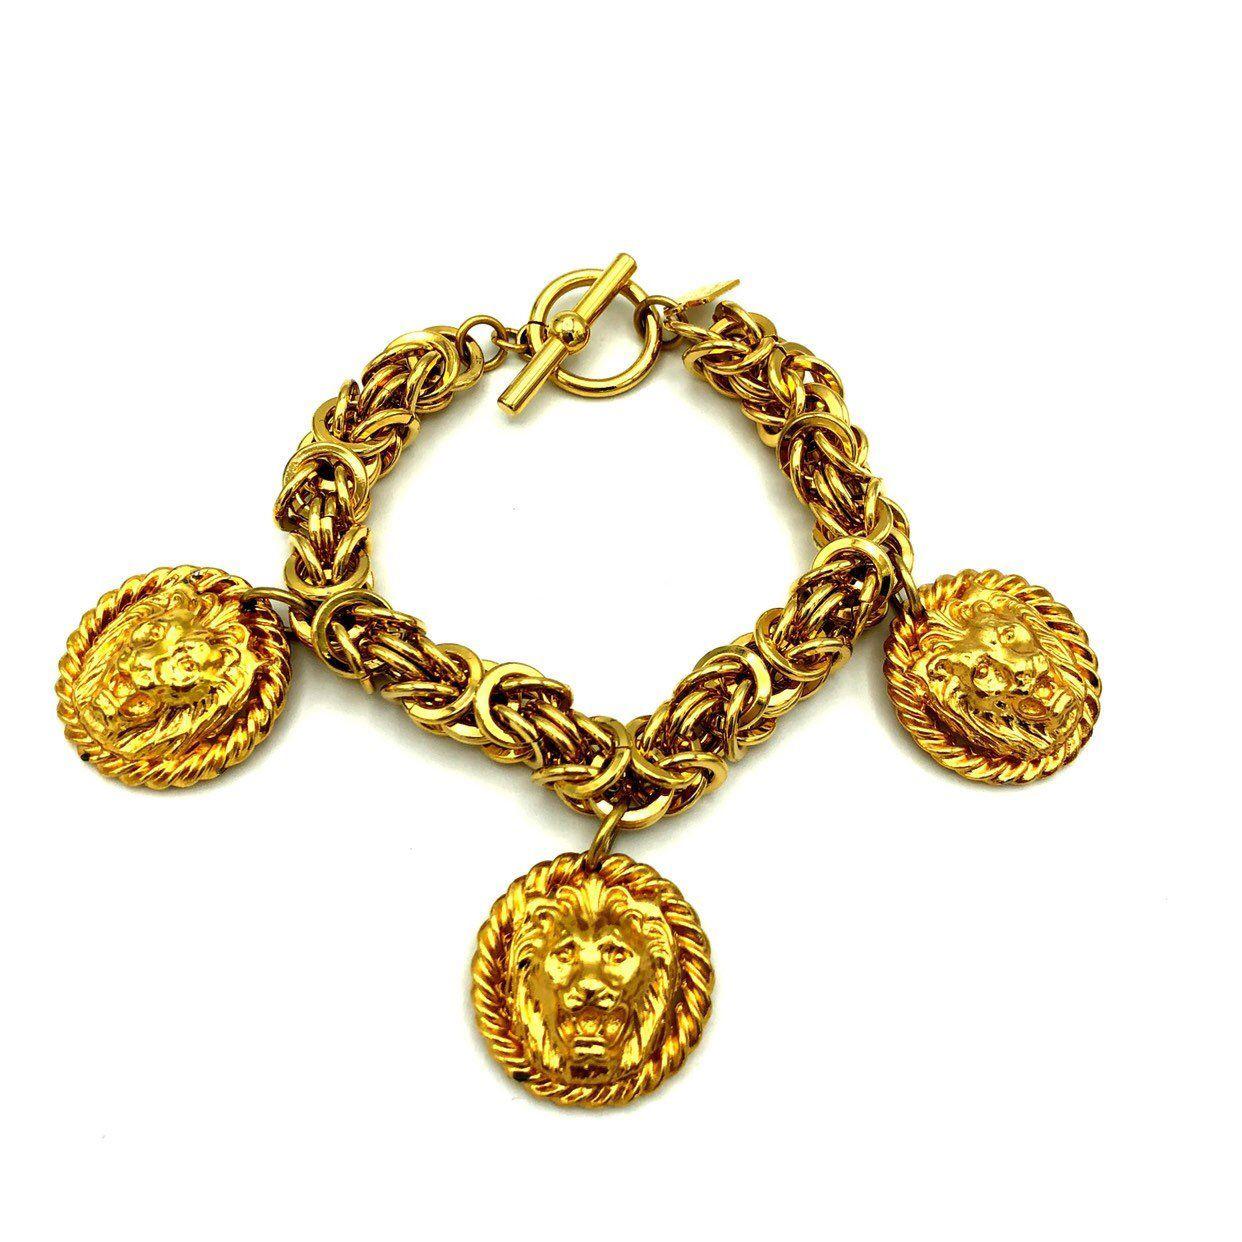 Vintage anne klein charm bracelet classic statement byzantine chain